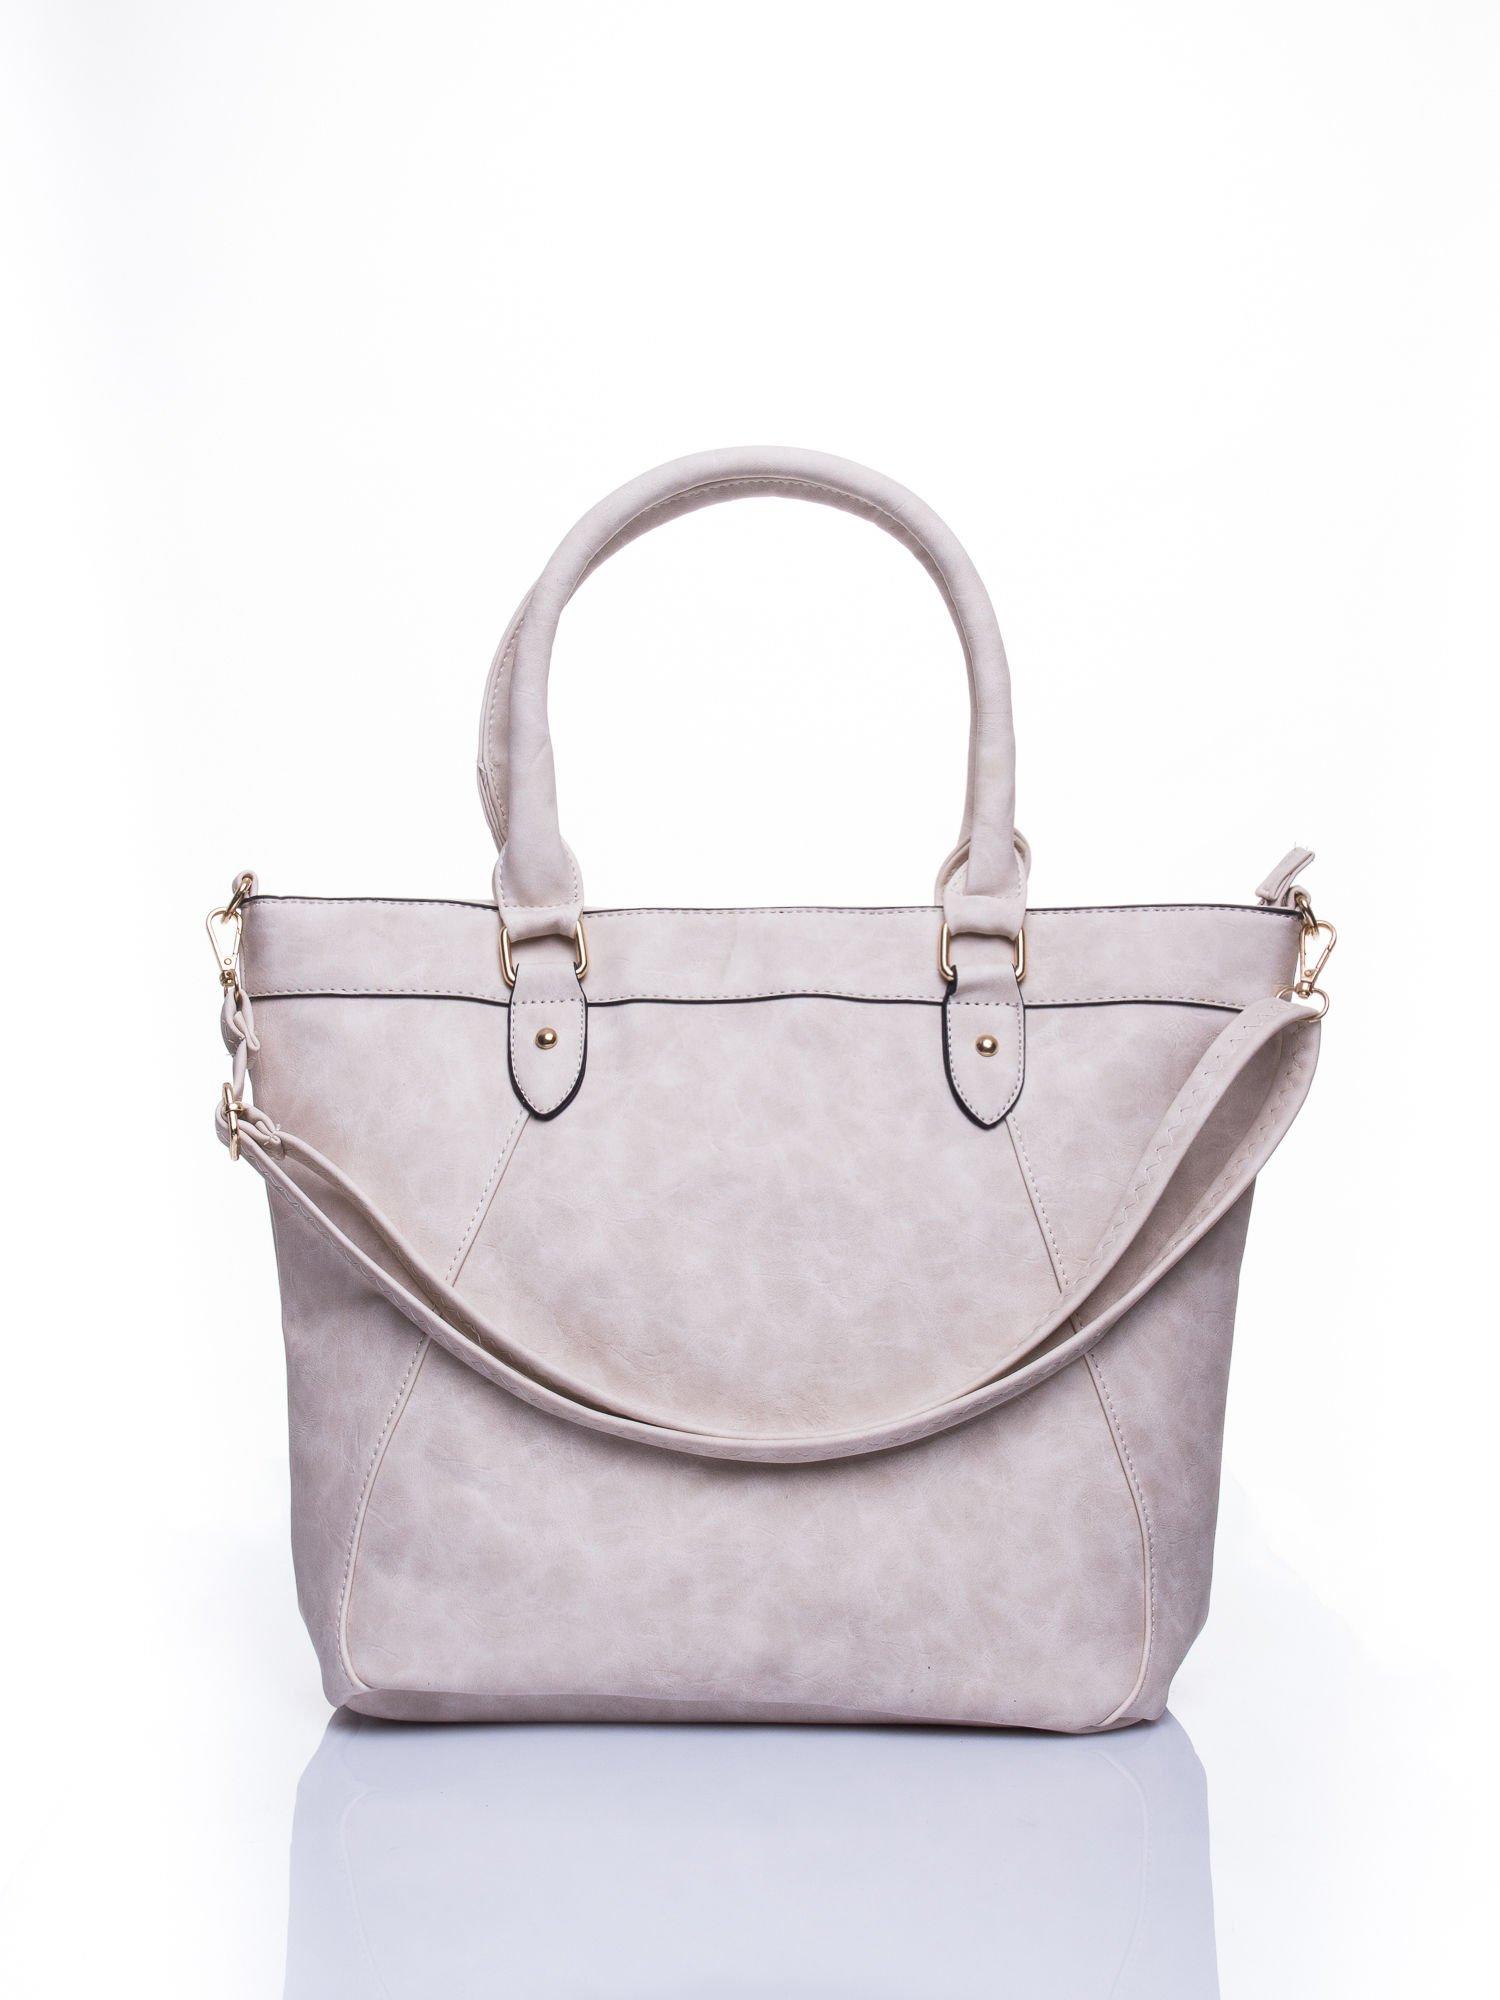 Jasnobeżowa torba city bag na ramię                                  zdj.                                  1